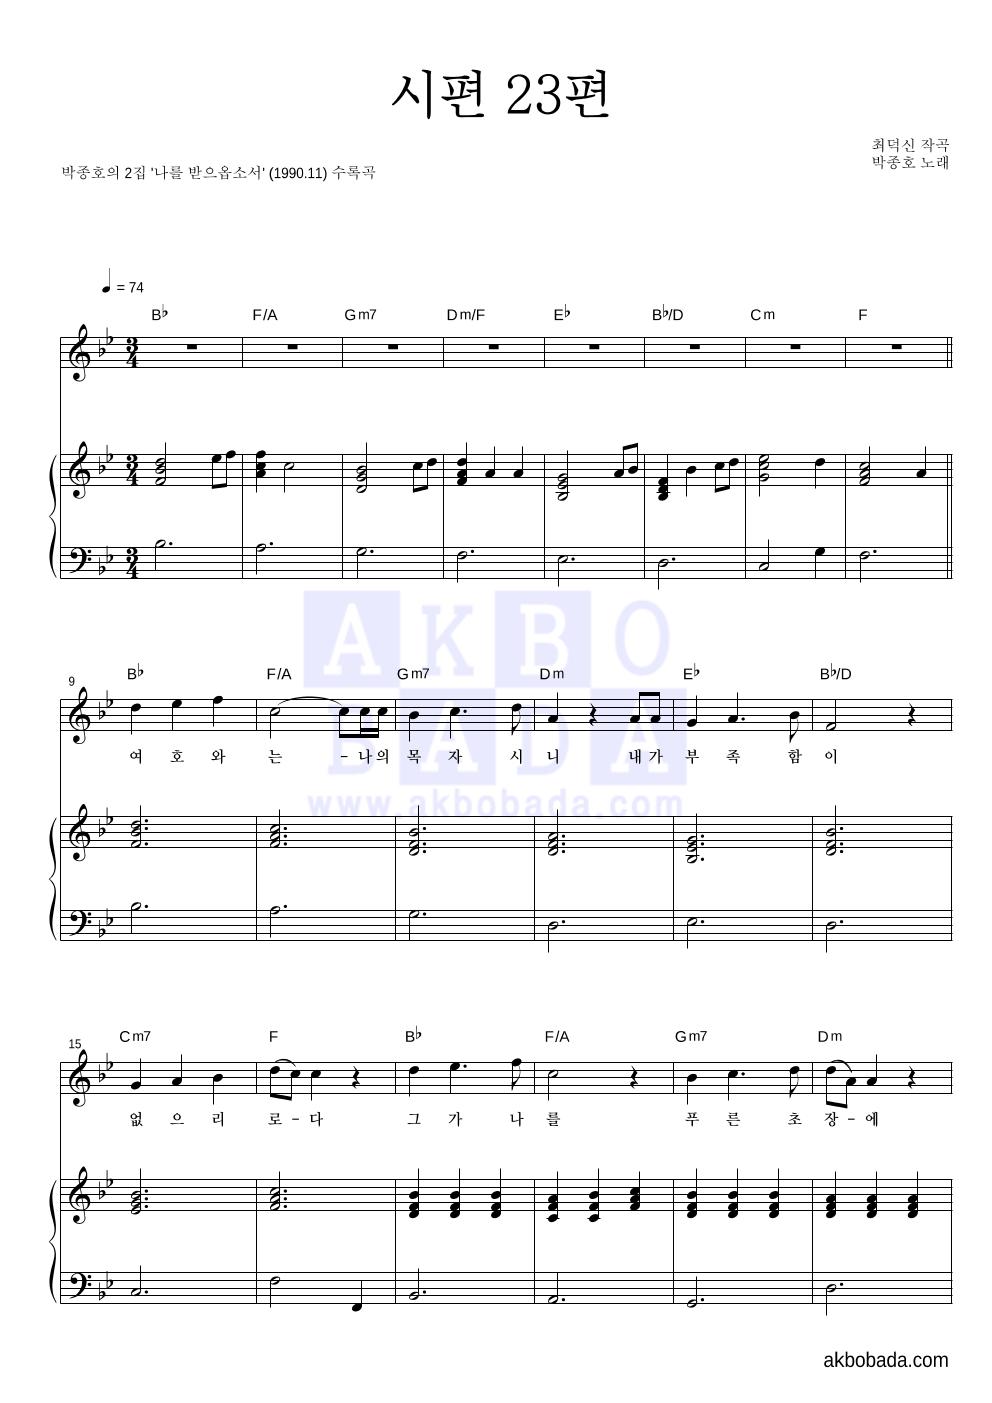 박종호 - 시편 23편 피아노 3단 악보